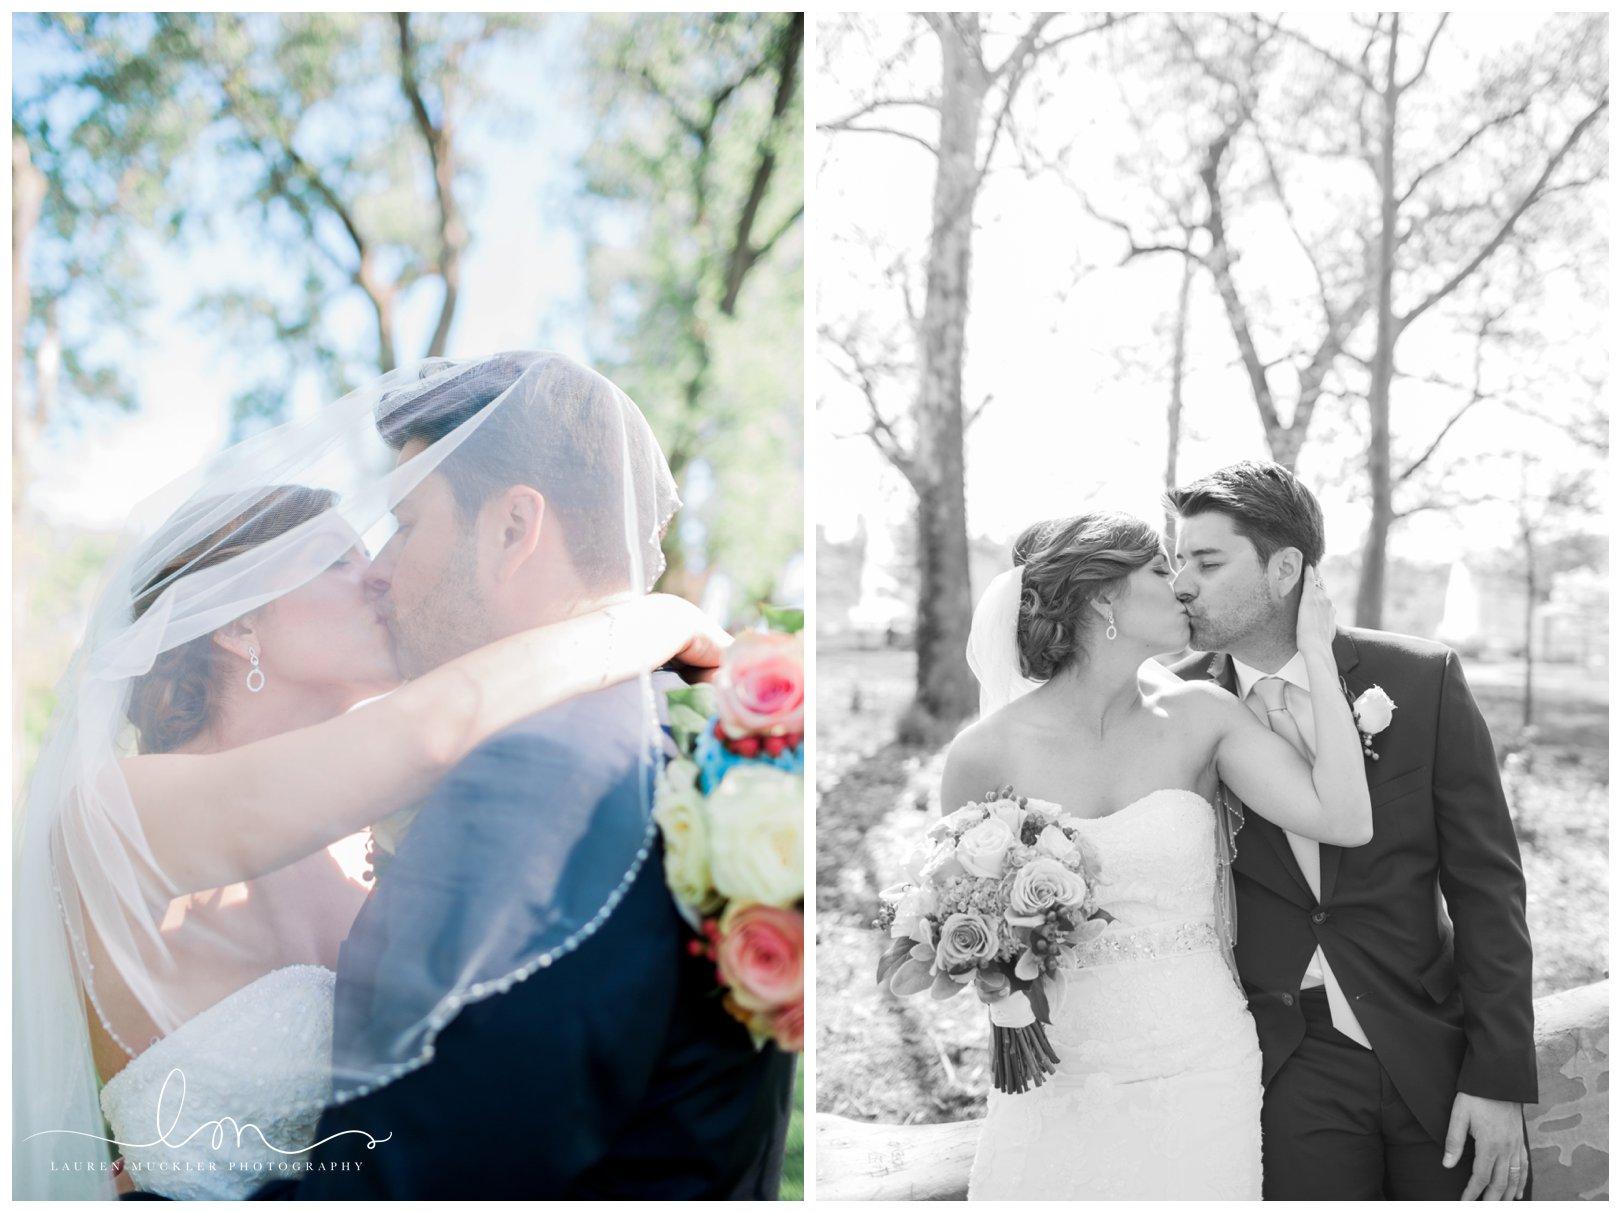 lauren muckler photography_fine art film wedding photography_st louis_photography_0034.jpg